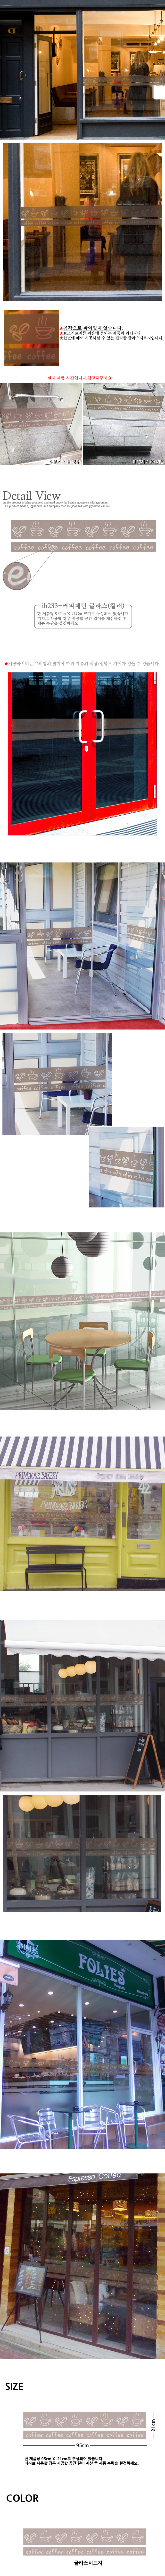 ih233-커피패턴 글라스(컬러)_글라스시트지 - 꾸밈, 18,000원, 벽시/시트지, 디자인 시트지